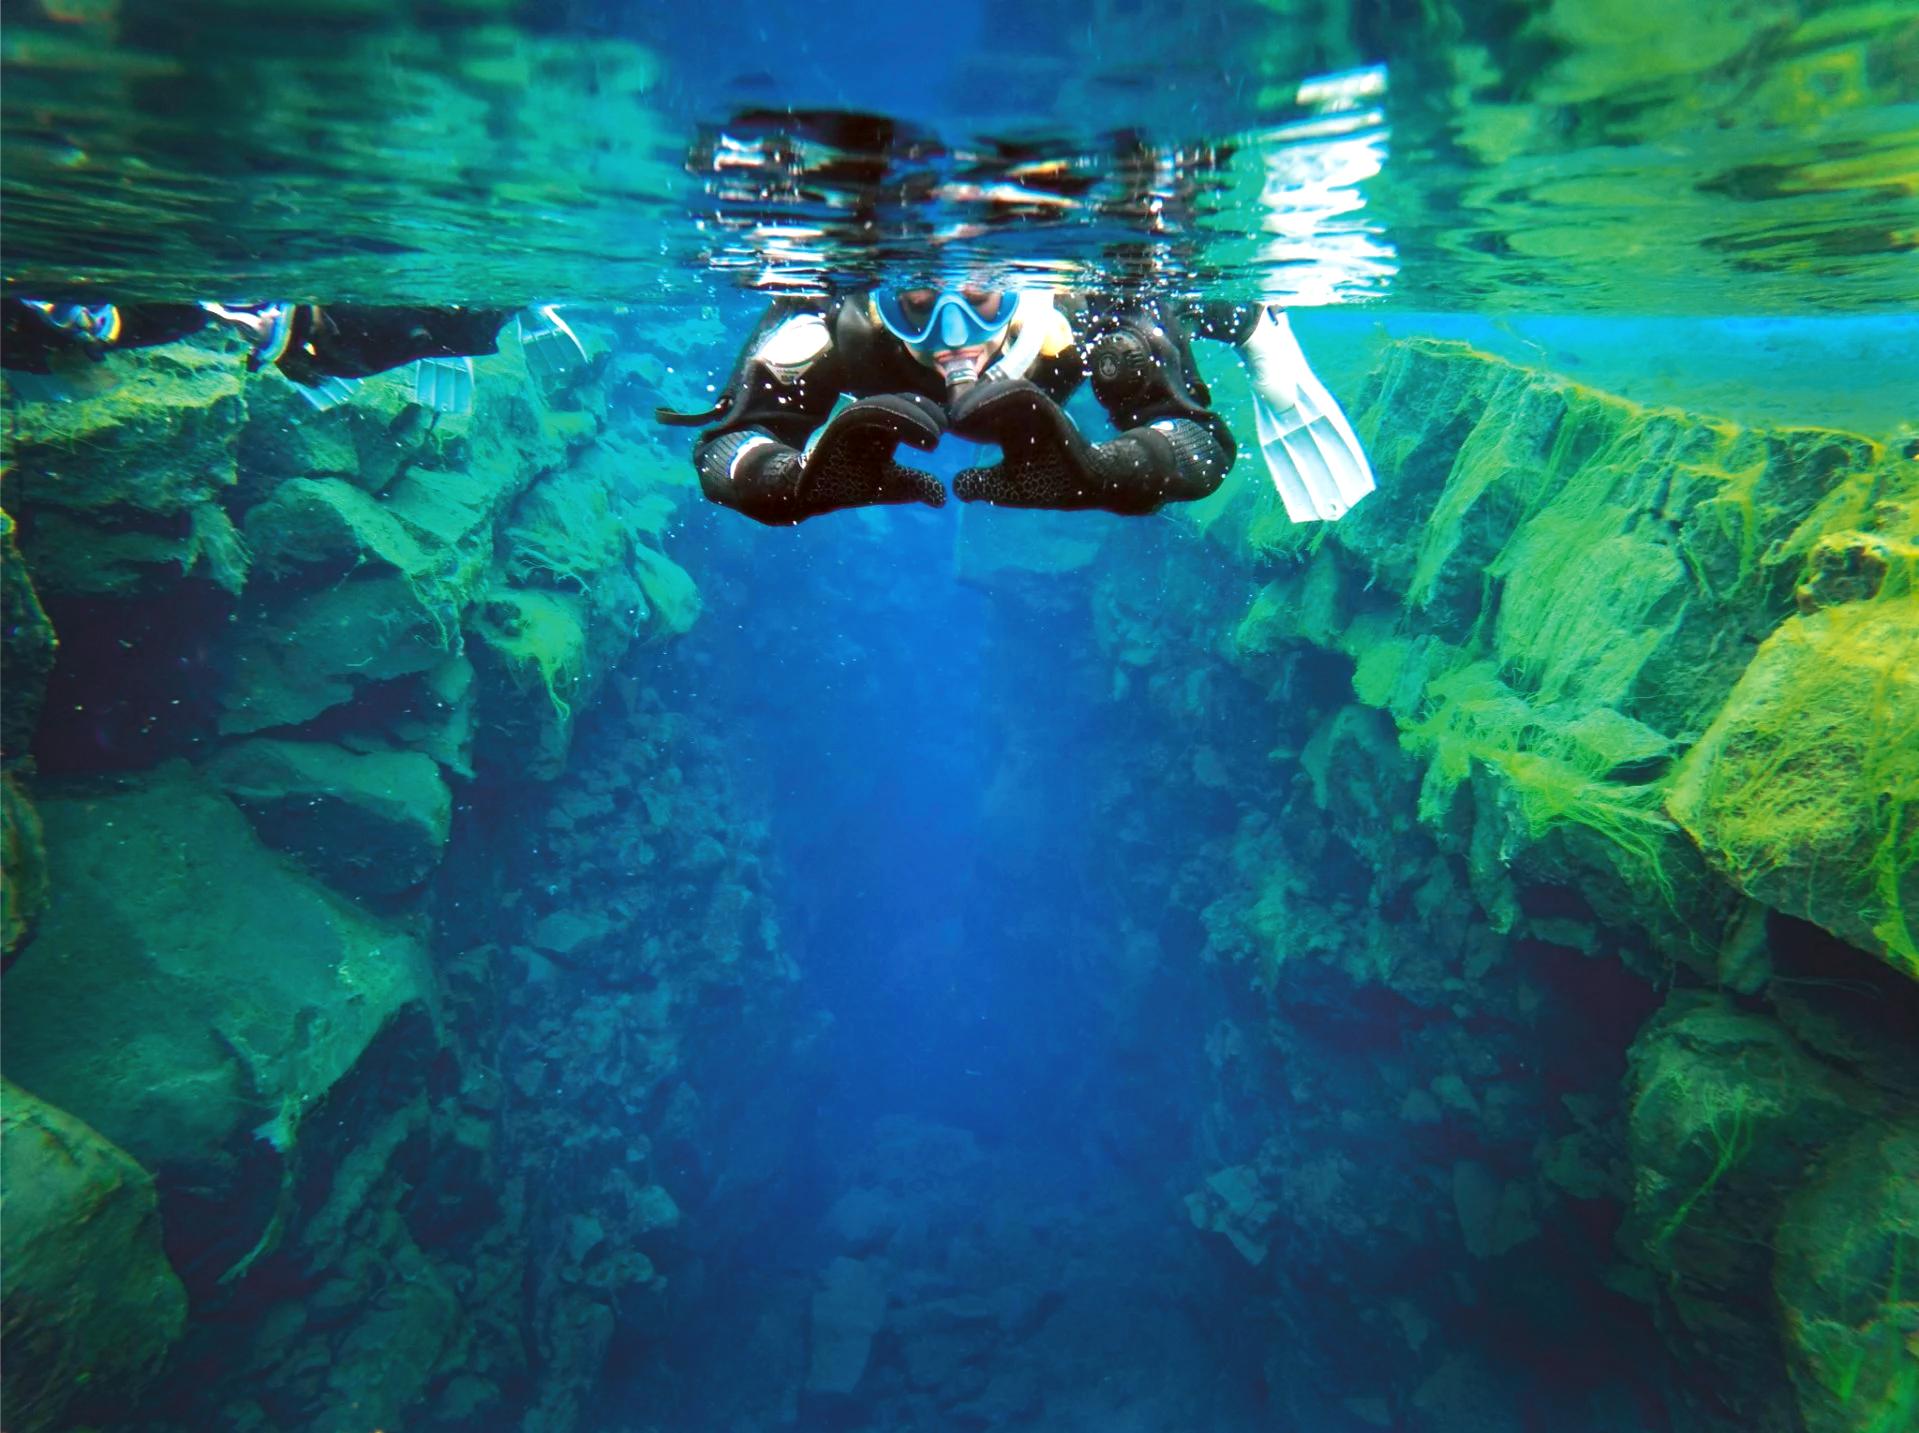 丝浮拉大裂缝浮潜旅行团 免费拍照&小吃-自驾集合